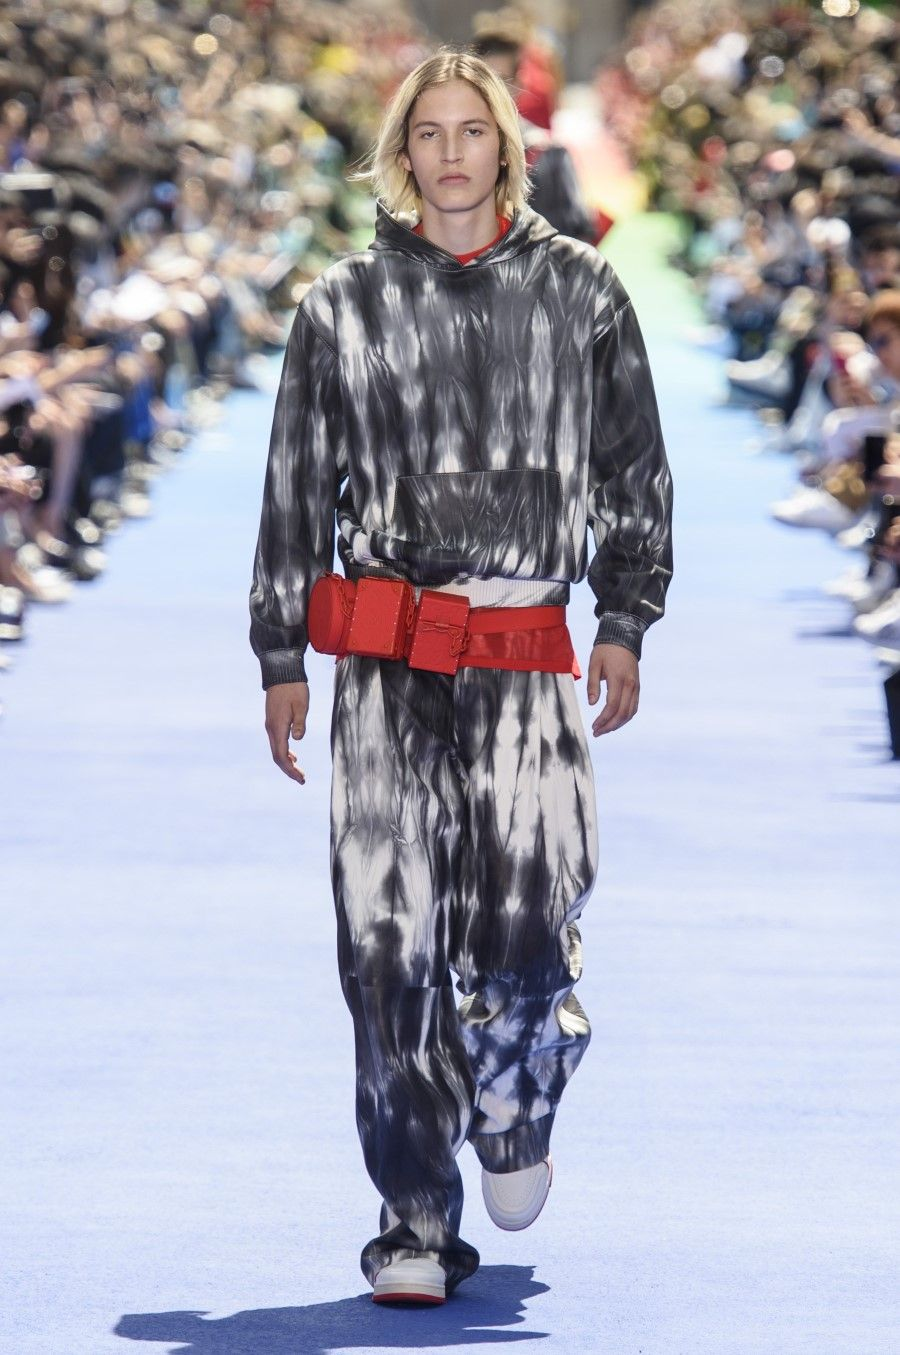 Défilé Louis Vuitton Printemps-été 2019 31. Louis Vuitton Spring Summer 2019  - Paris Fashion Week 0825d20b42a